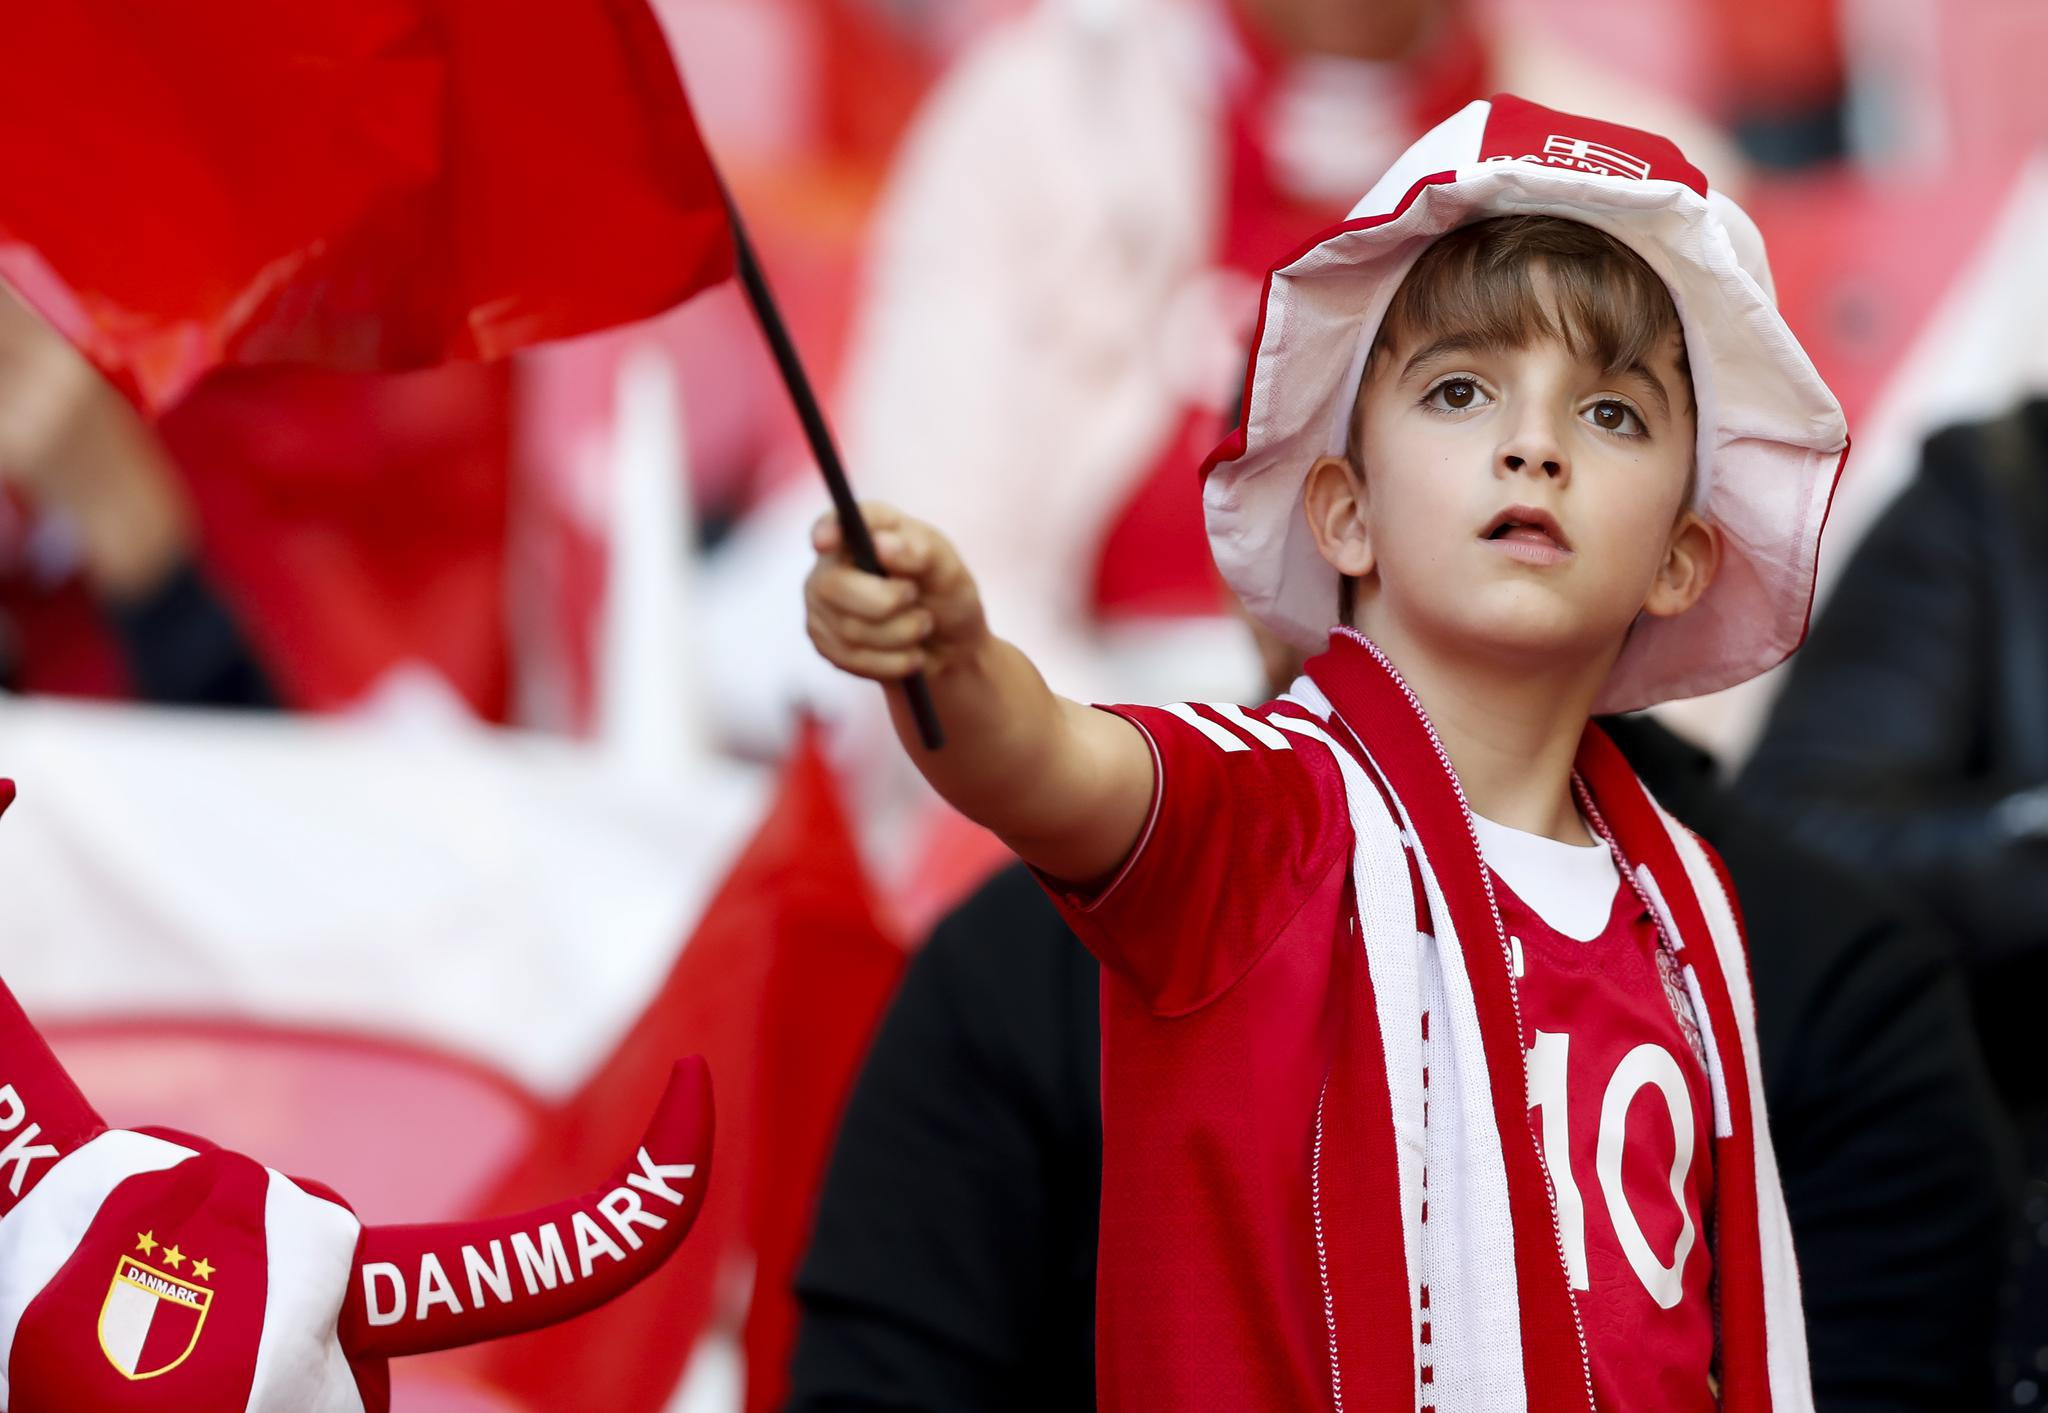 2021版丹麦童话完结,你依然要做自己的英雄